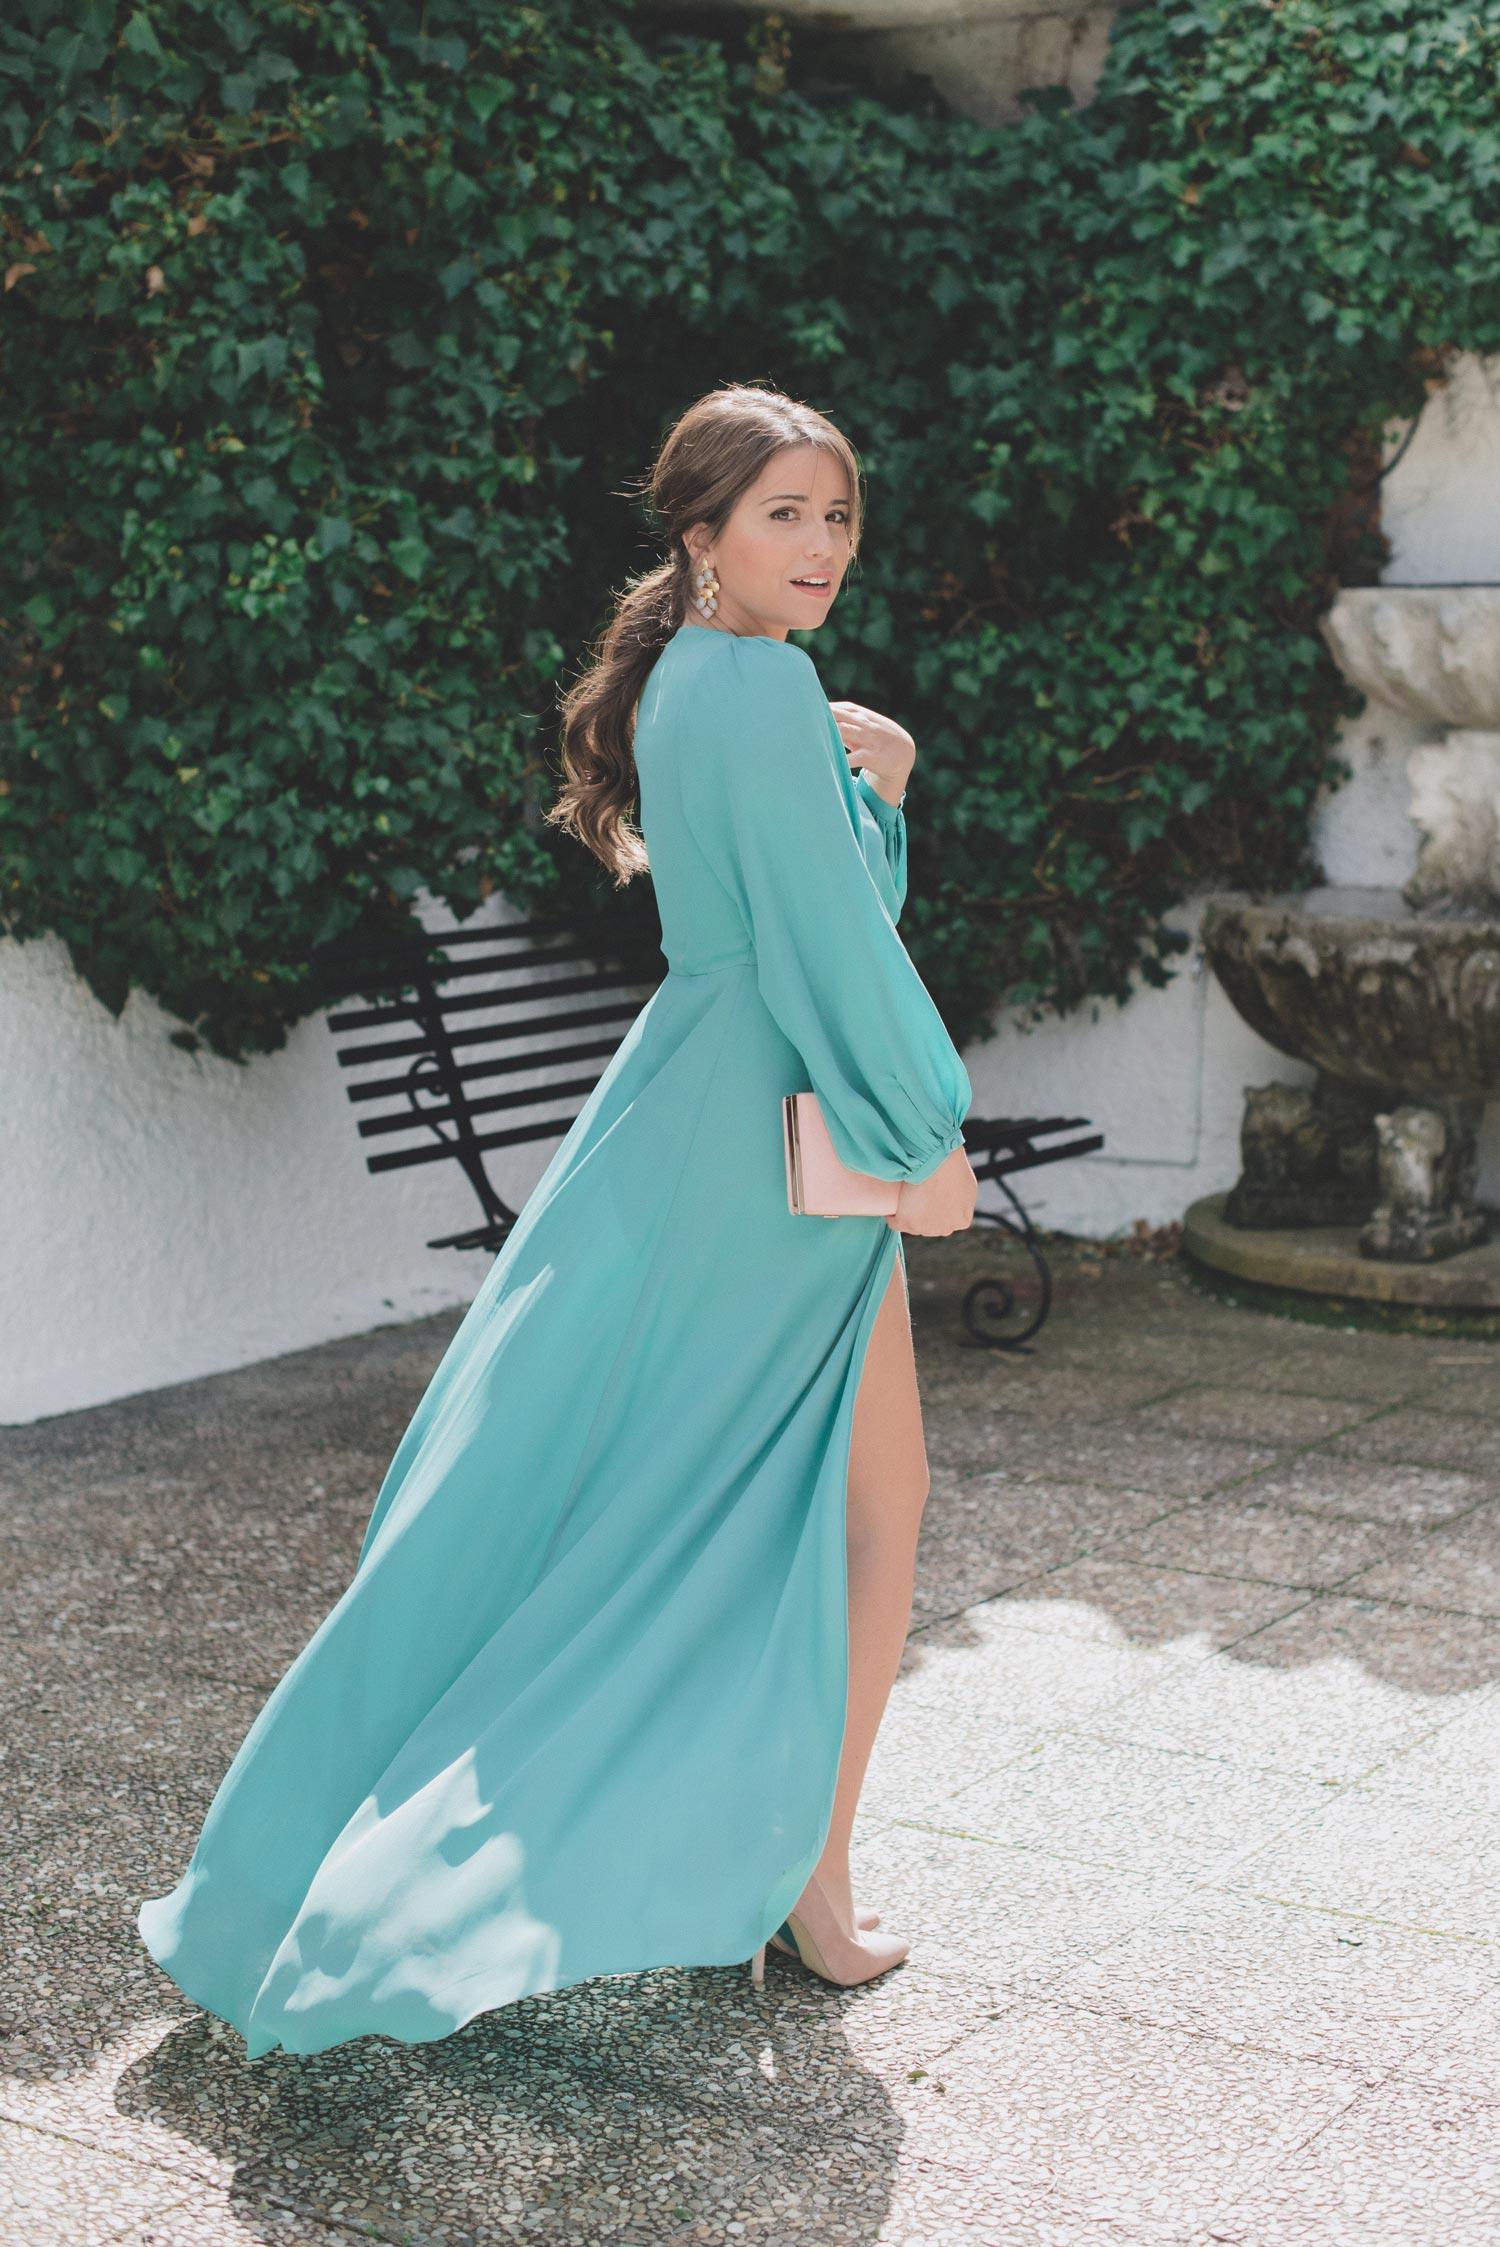 loreto-made-in-style-pendientes-acus-complementos-vestido-largo-invitada-sophie-lu-06